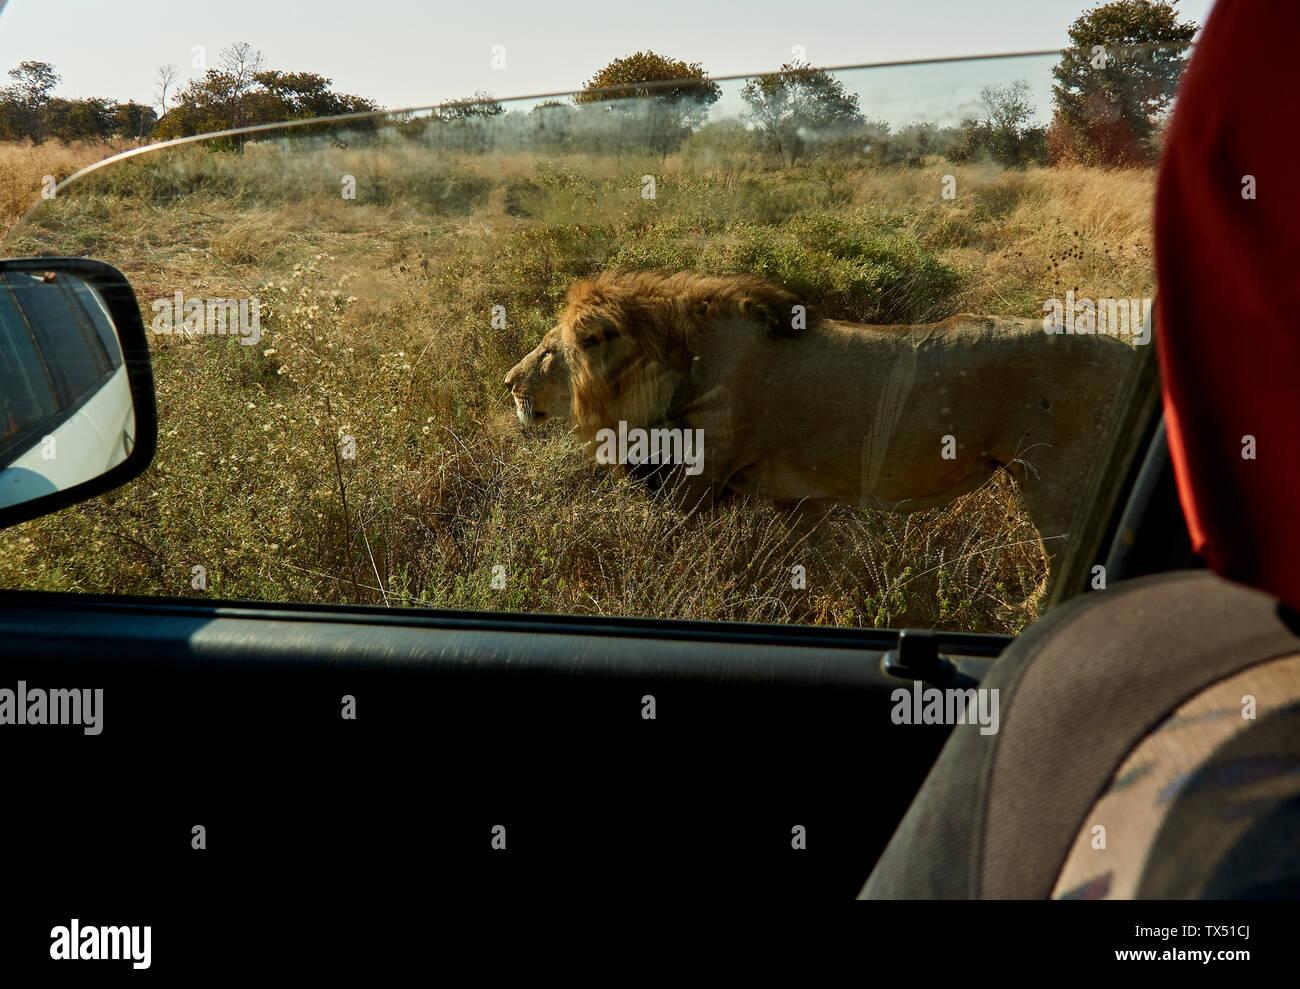 L'Afrique, Botswana, Ihaha, Parc National de Chobe, homme lion marchant près de la voiture Banque D'Images